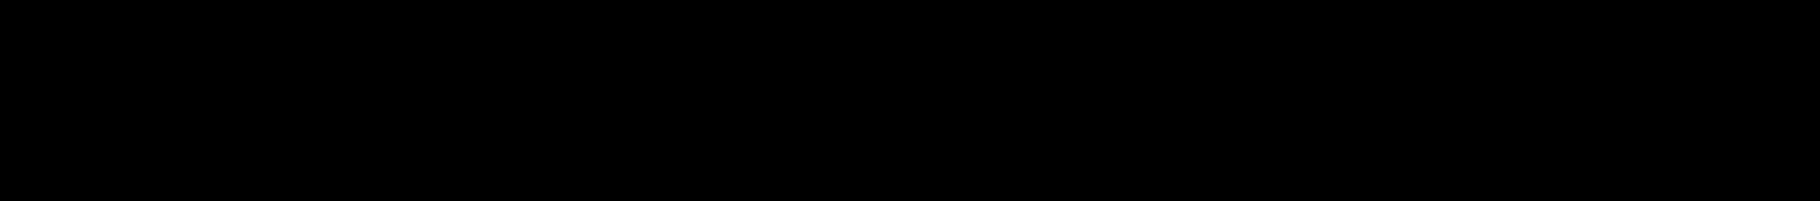 Sanchez Slab Italic